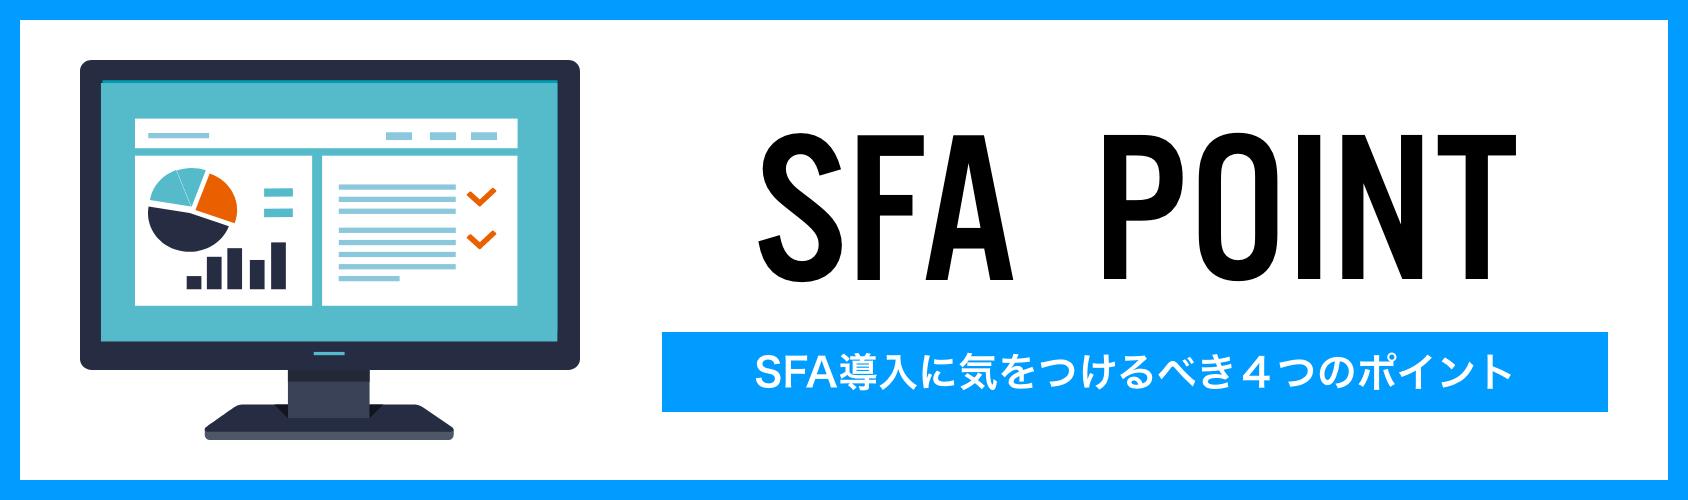 SFA導入時に気をつけるべき4つのポイント